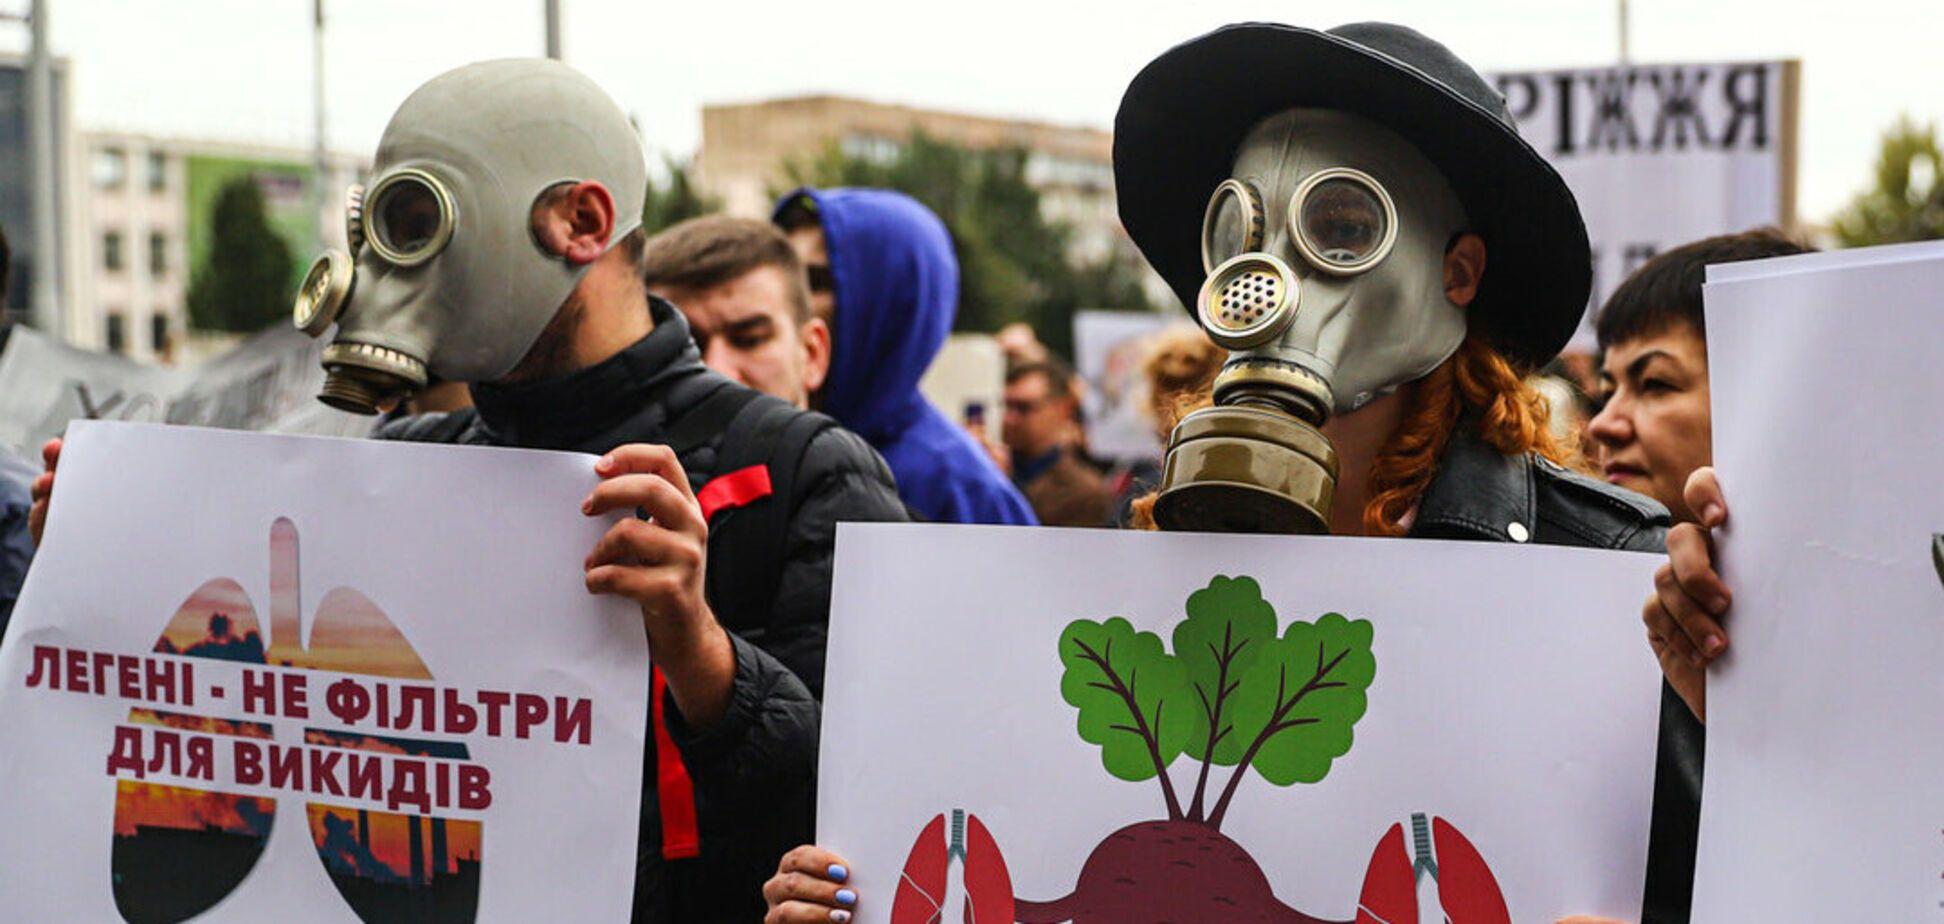 Чому екоактивісти 'не помічають' зусиль підприємств зі зниження забруднень: експерти дали відповідь